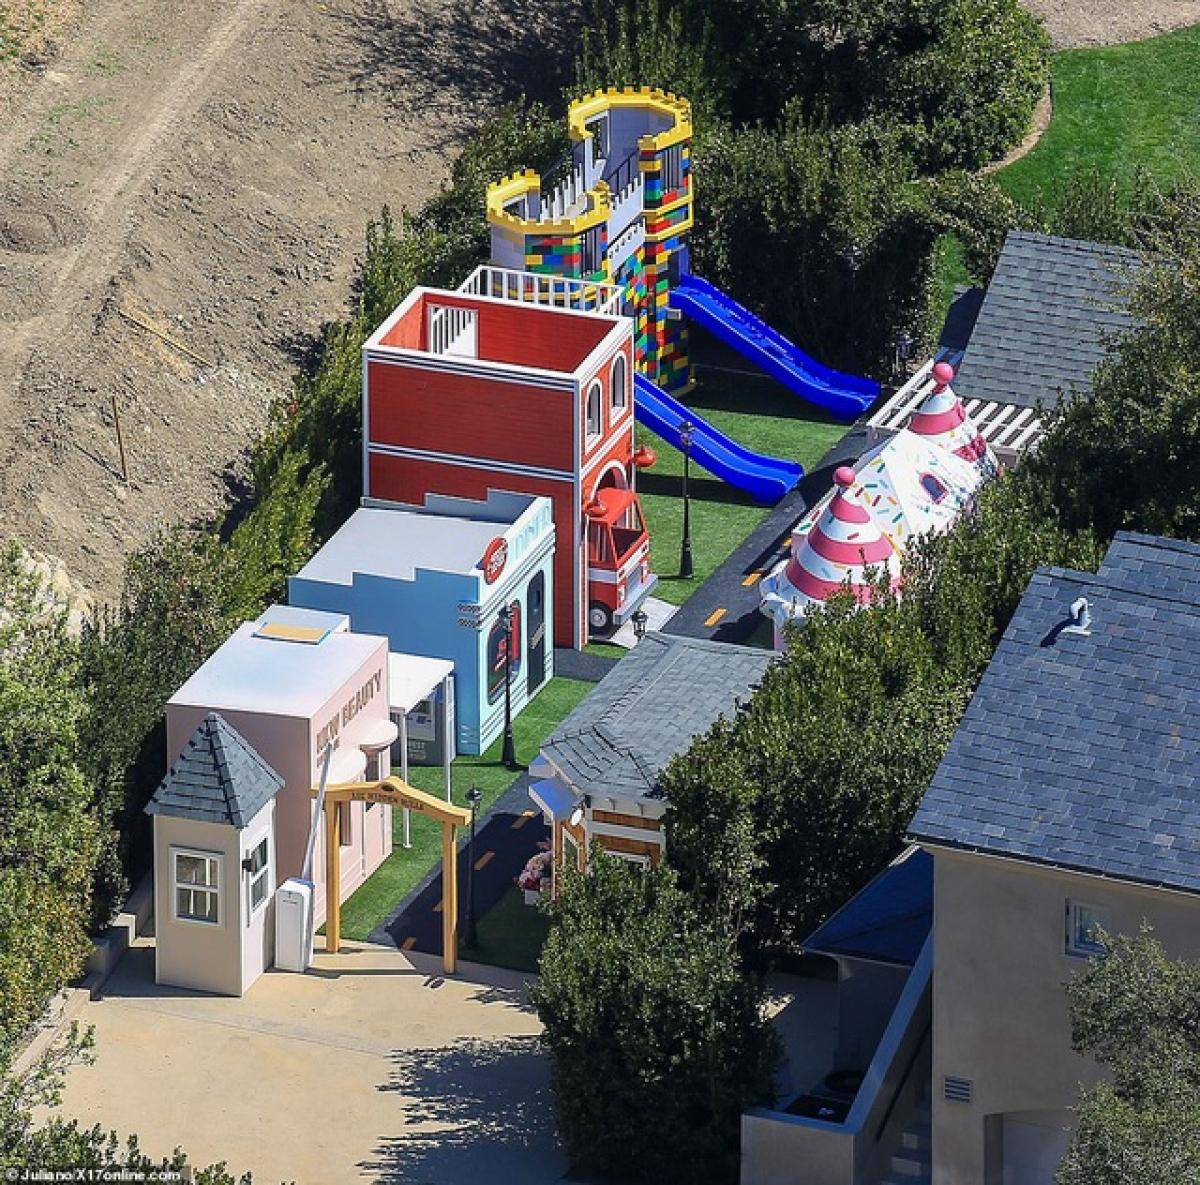 Khu vui chơi dành cho các con, cháu của Kim Kardashian có nhiều cửa hàng, máy rút tiền, quán cà phê và lâu đài Lego.